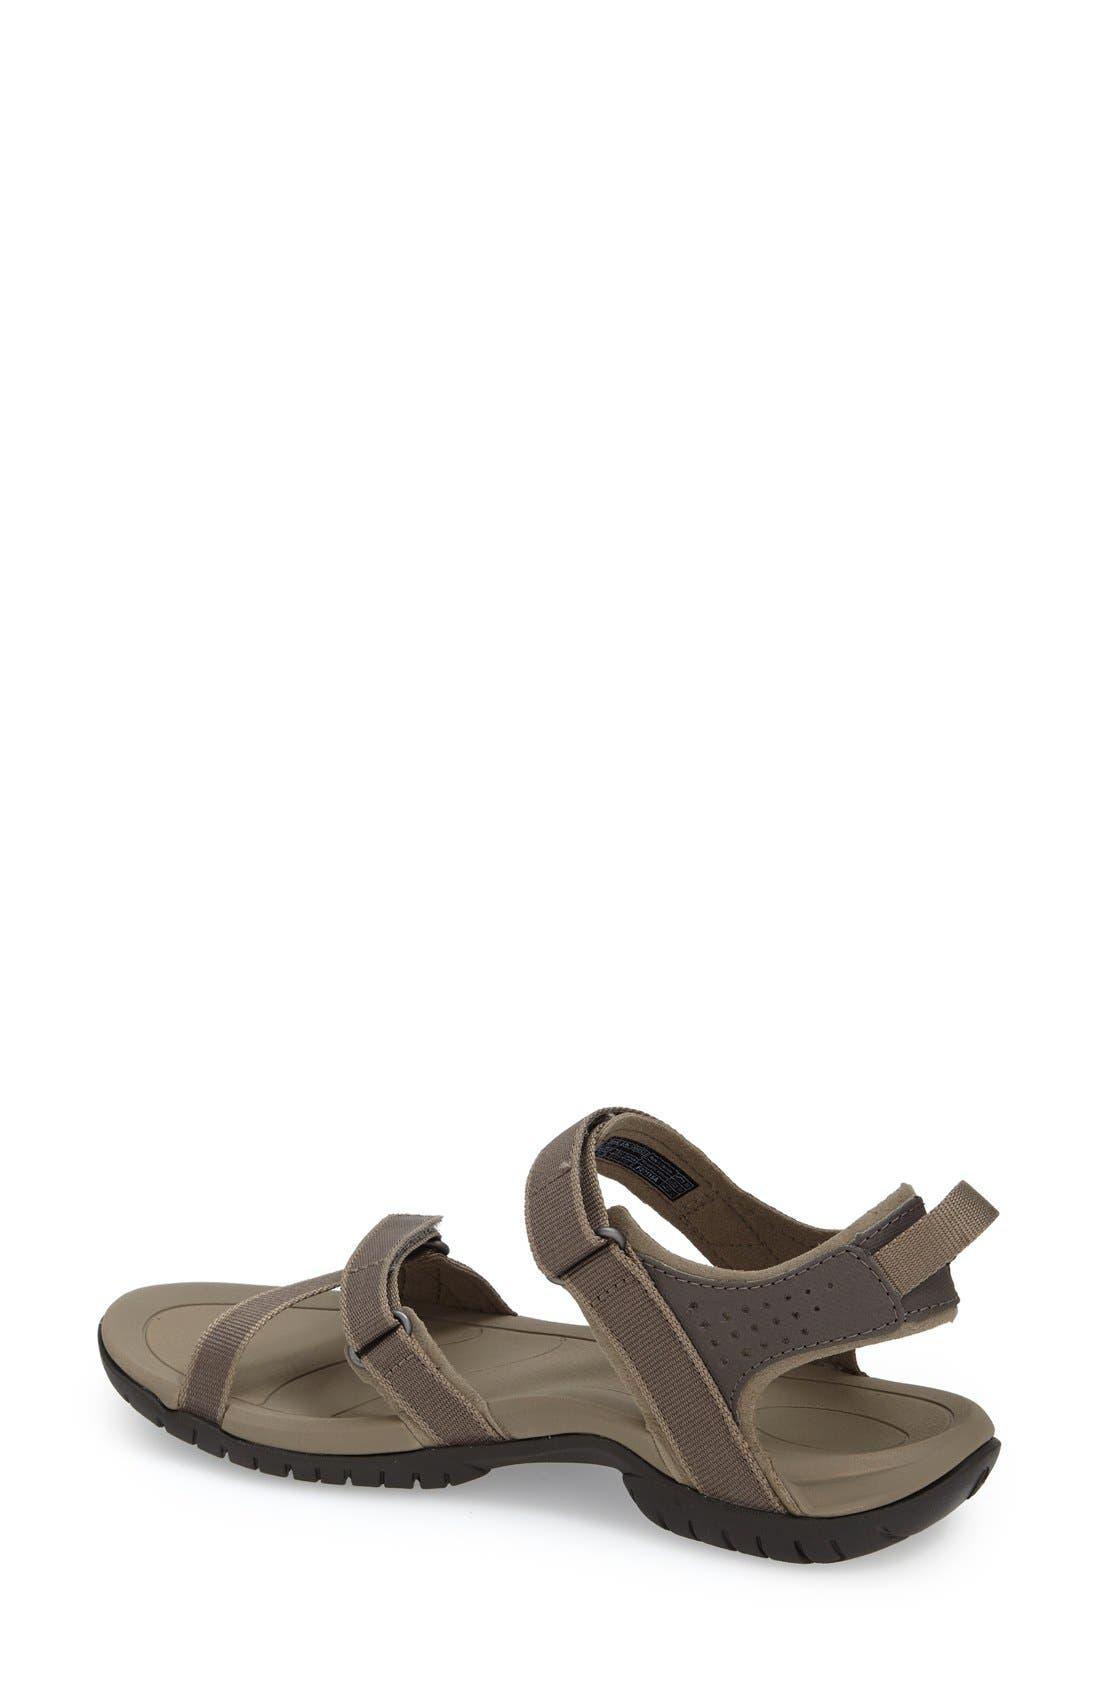 Alternate Image 2  - Teva 'Verra' Sandal (Women)